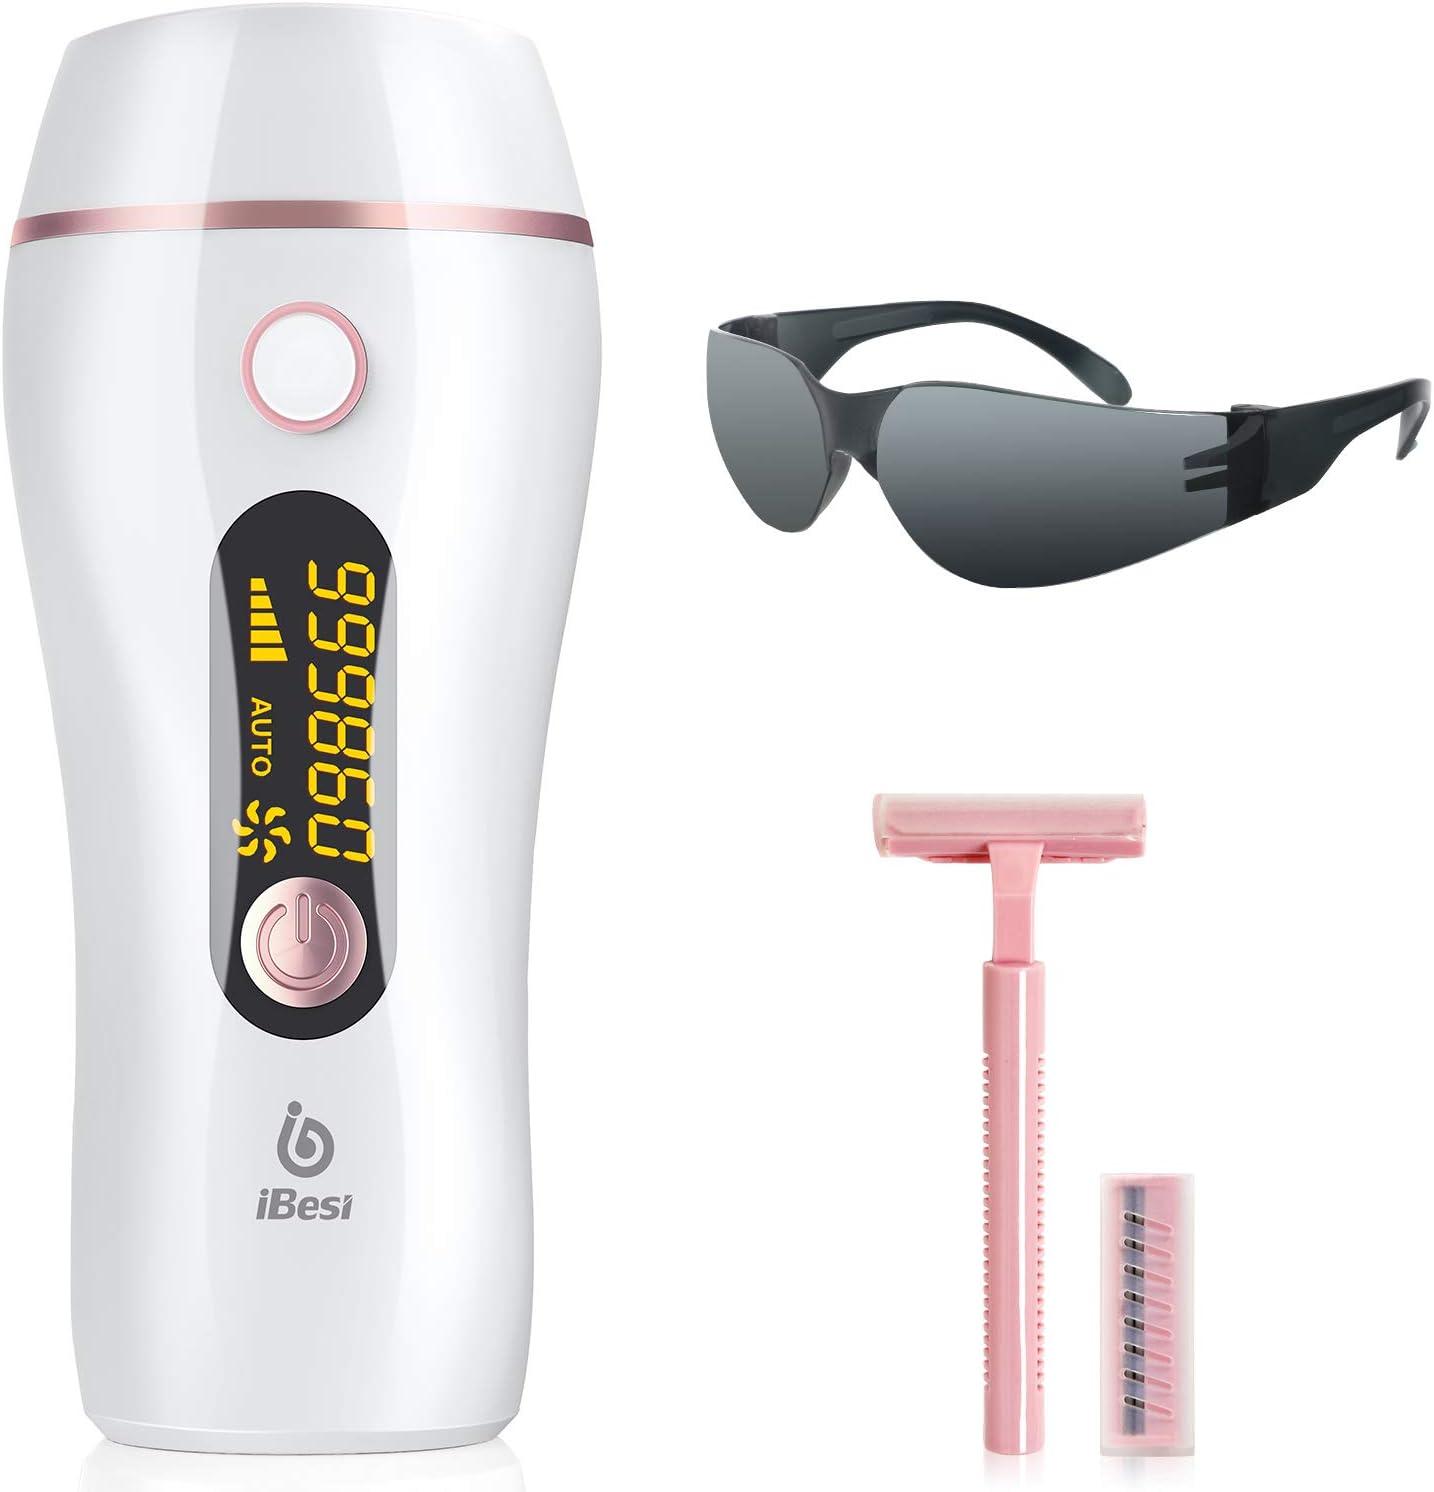 iBesi Depiladora de Luz Pulsada IPL, Depilación Permanente con 999,999 Flashes para Mujer y Hombre, Depiladora Laser Profesional Indoloro